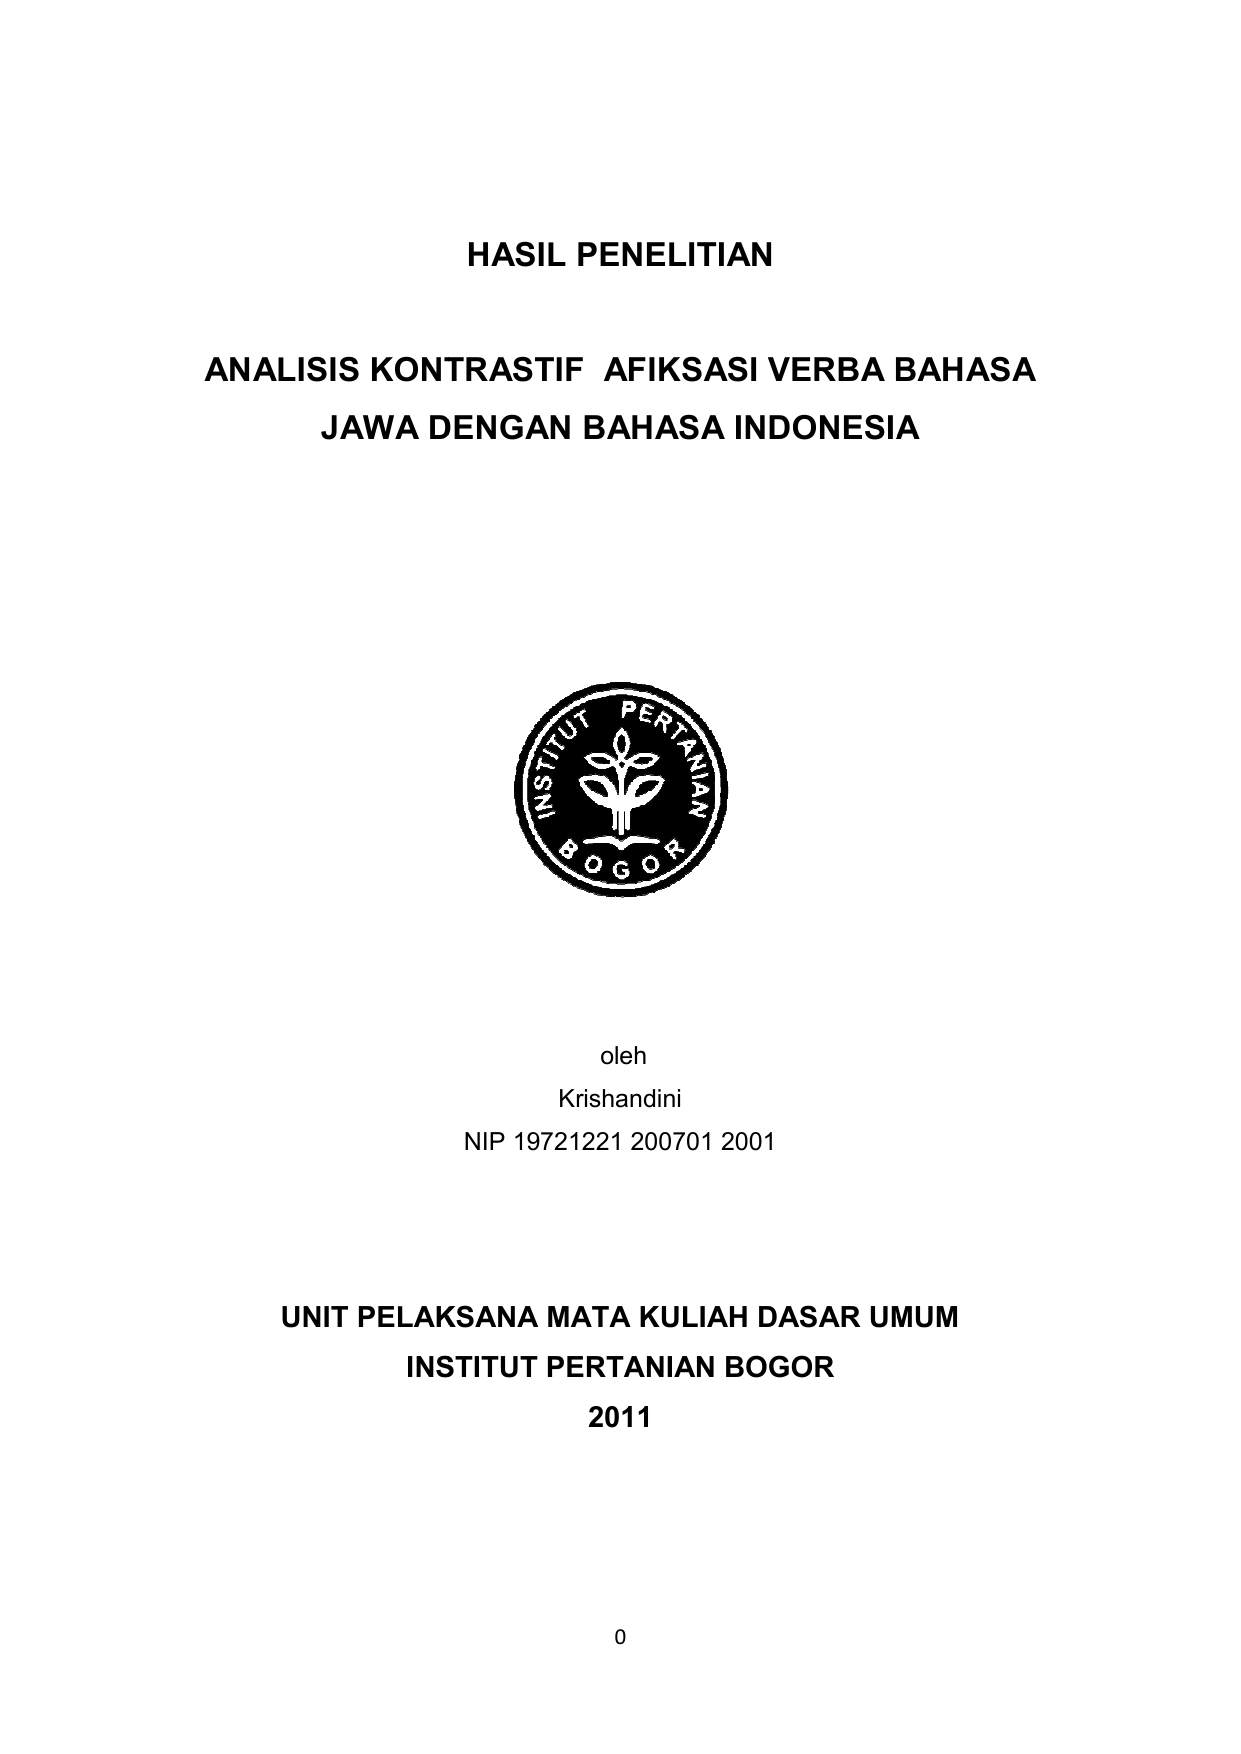 Analisis Kontrastif Jawa Dengan Hasil Penelitian Isis